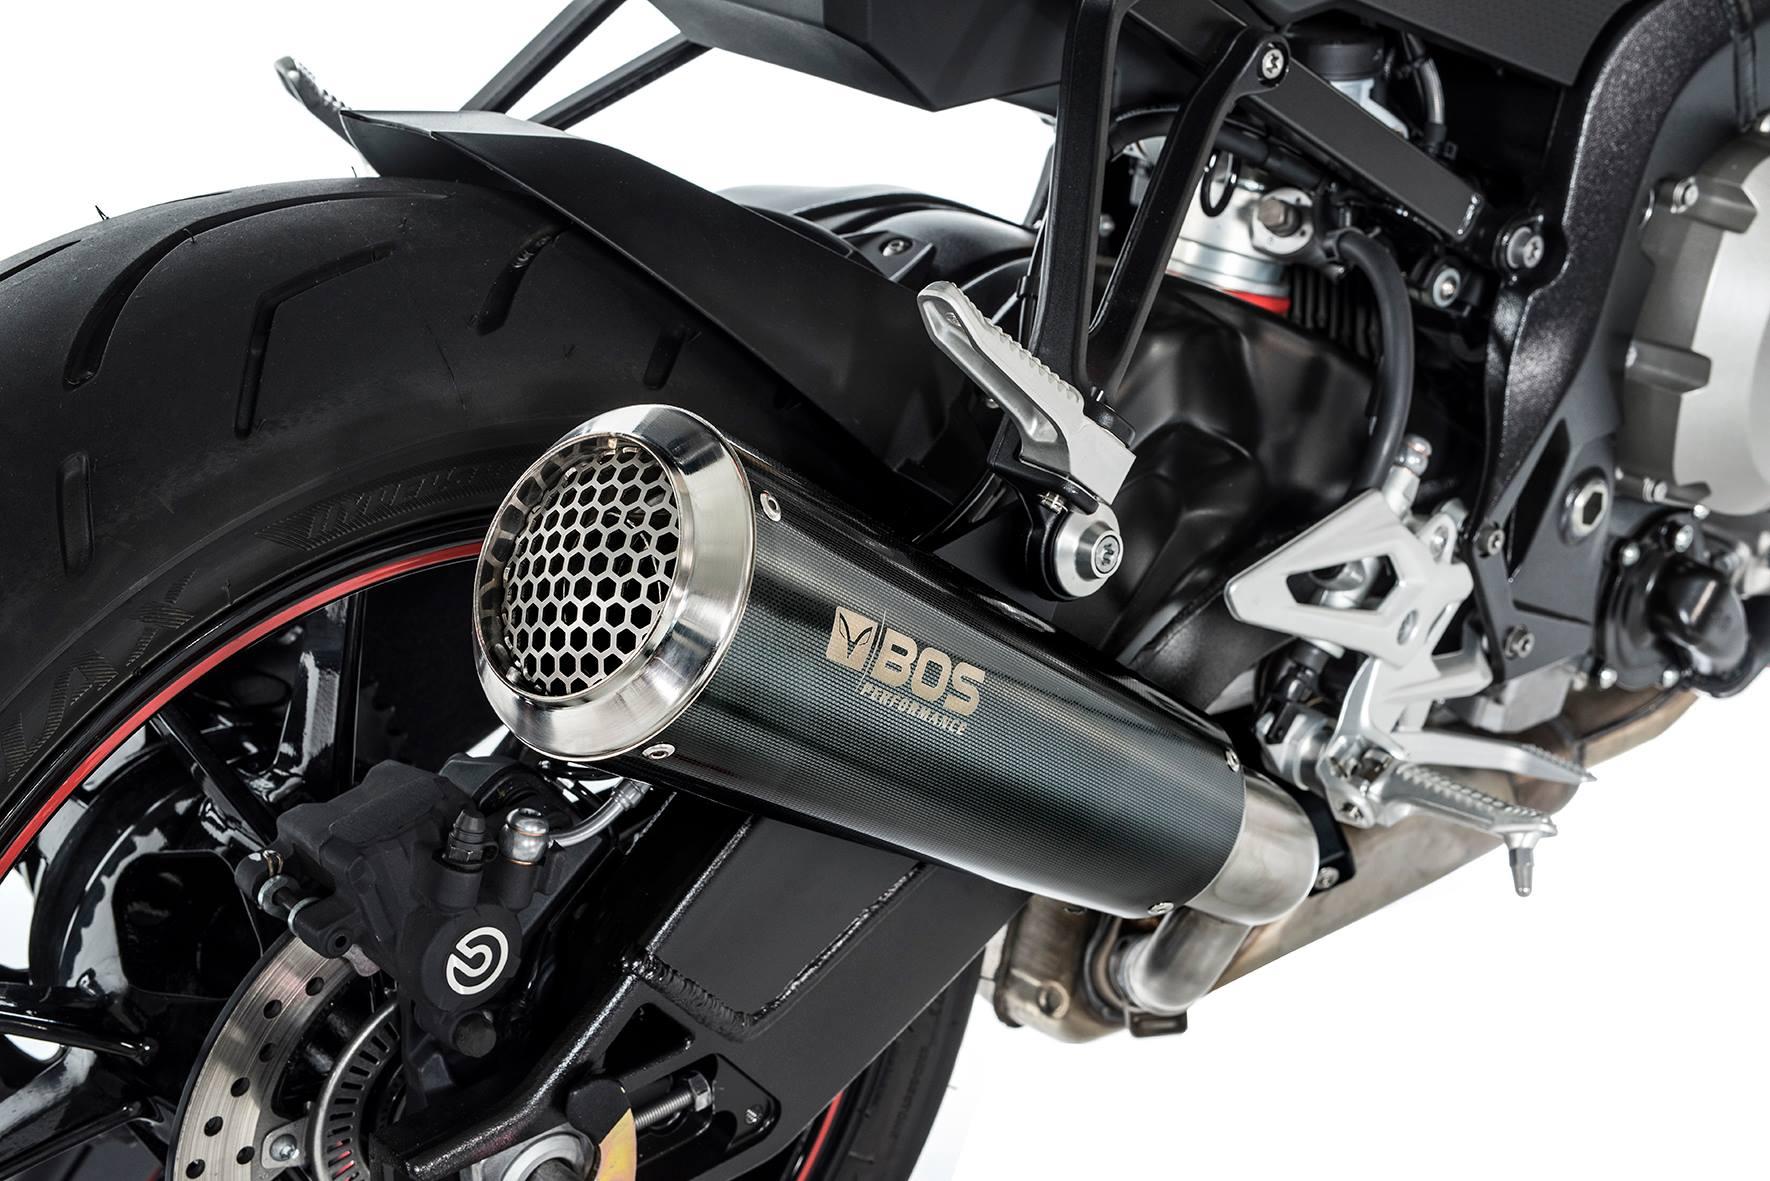 Bmw S 1000 R Ab 2017 Euro 4 Ssec Rr Slip On Bos Auspuff